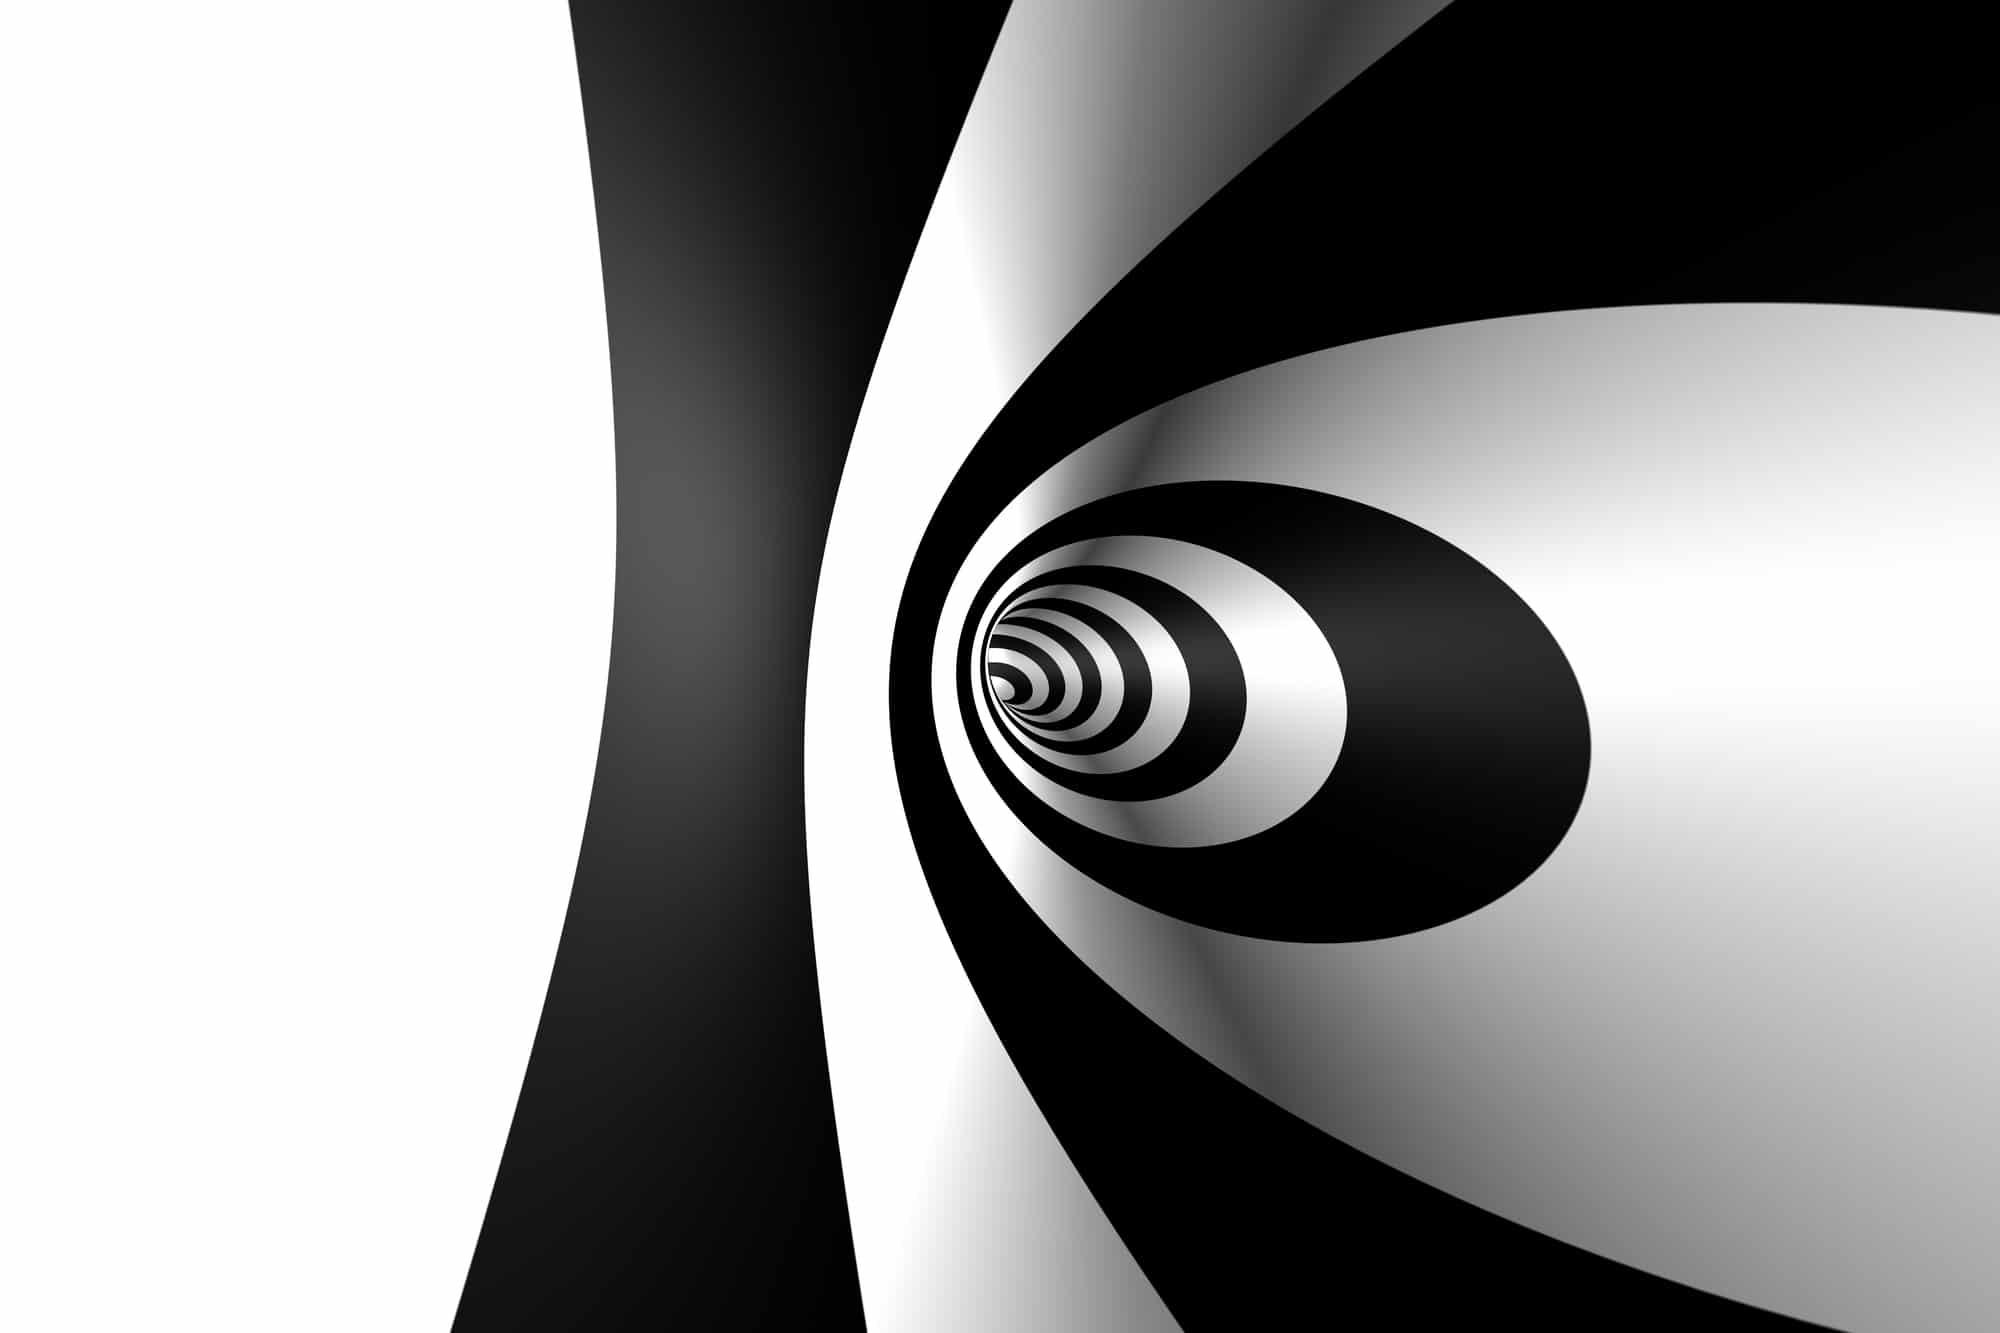 ראייה מטושטשת אחרי גיל 40 – אופטיקה יפעת